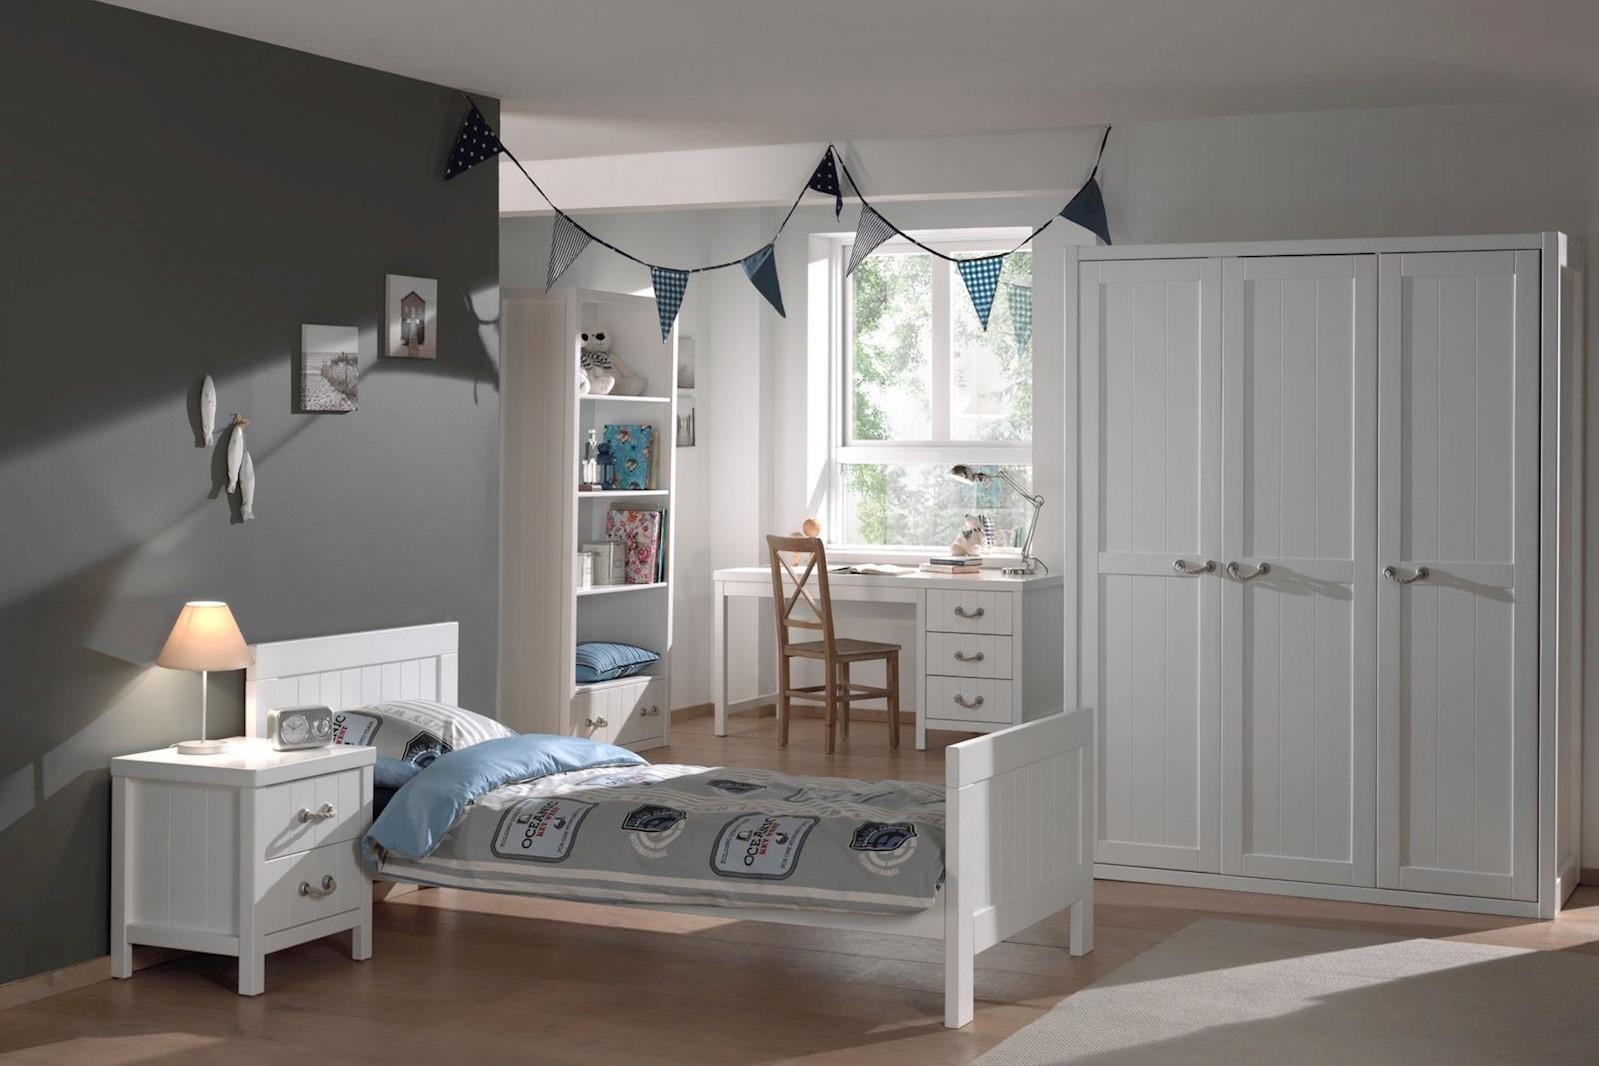 Jugendzimmer komplett Set Iny 5-teilig in Weiß MDF